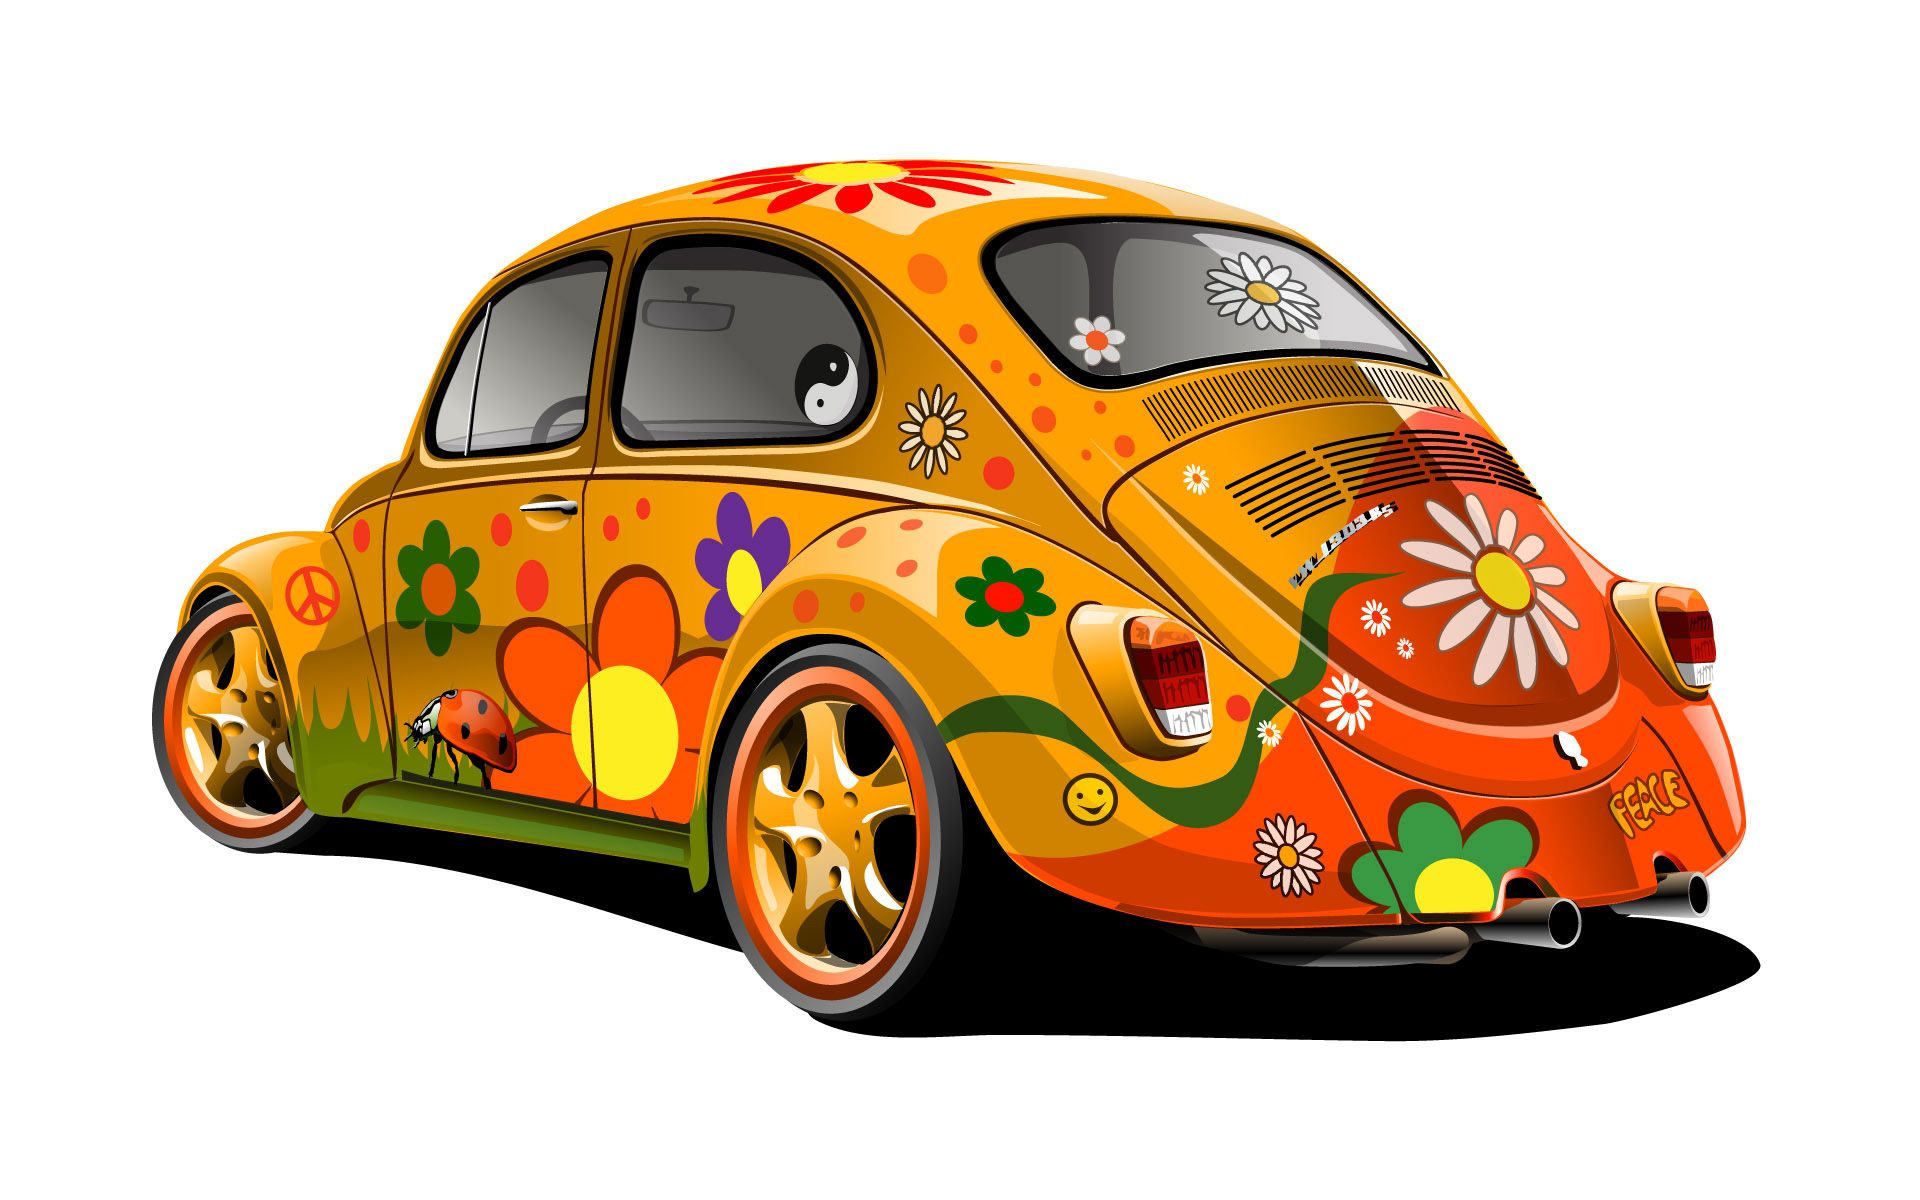 Volkswagen Beetle Wallpapers Volkswagens Hippie car Vw 1920x1200